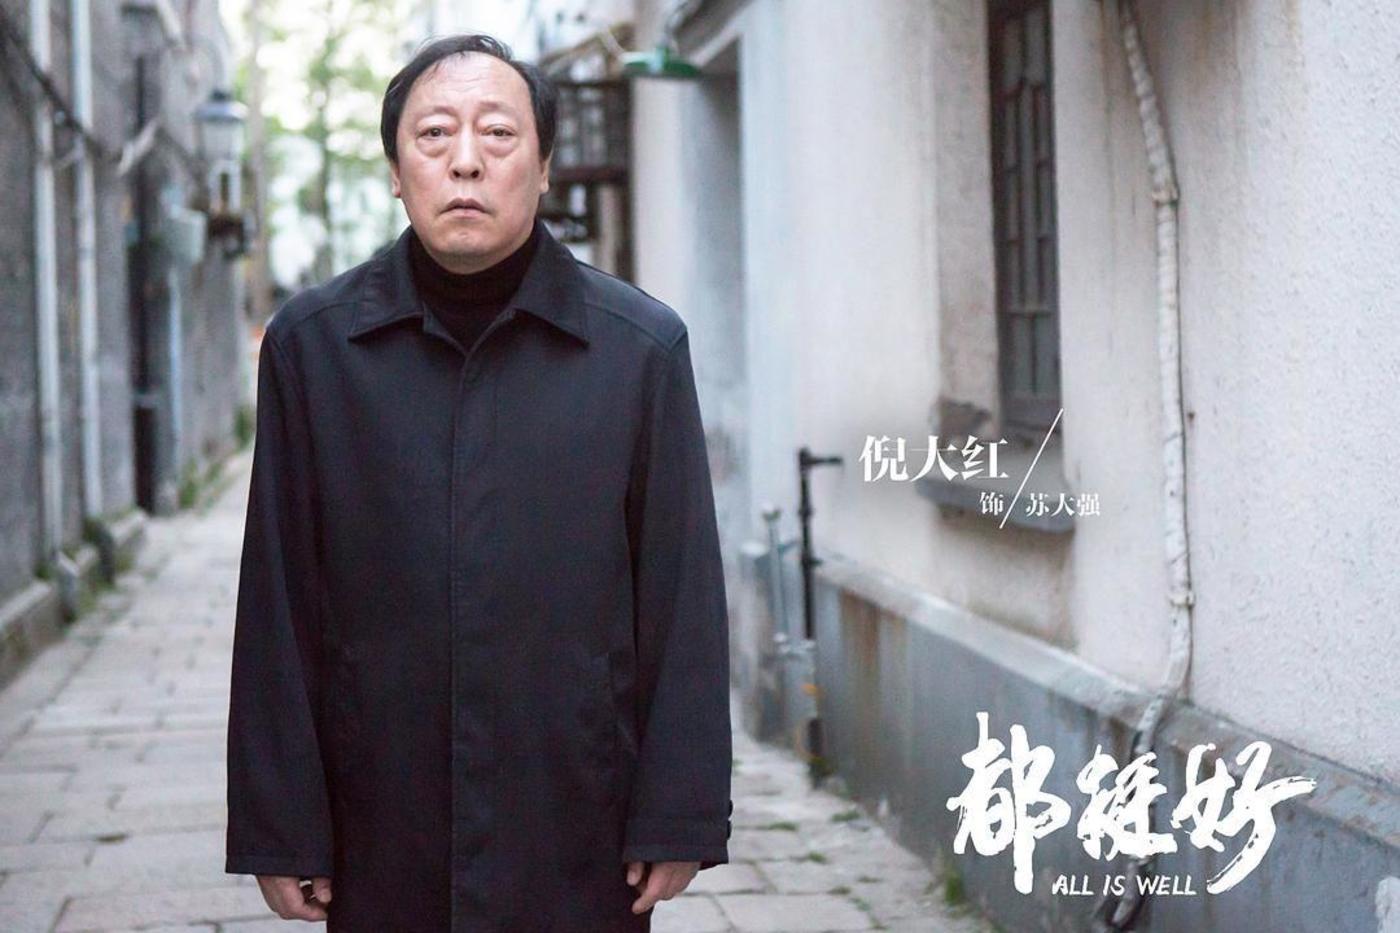 文|娱乐独角兽,作者|肖晓